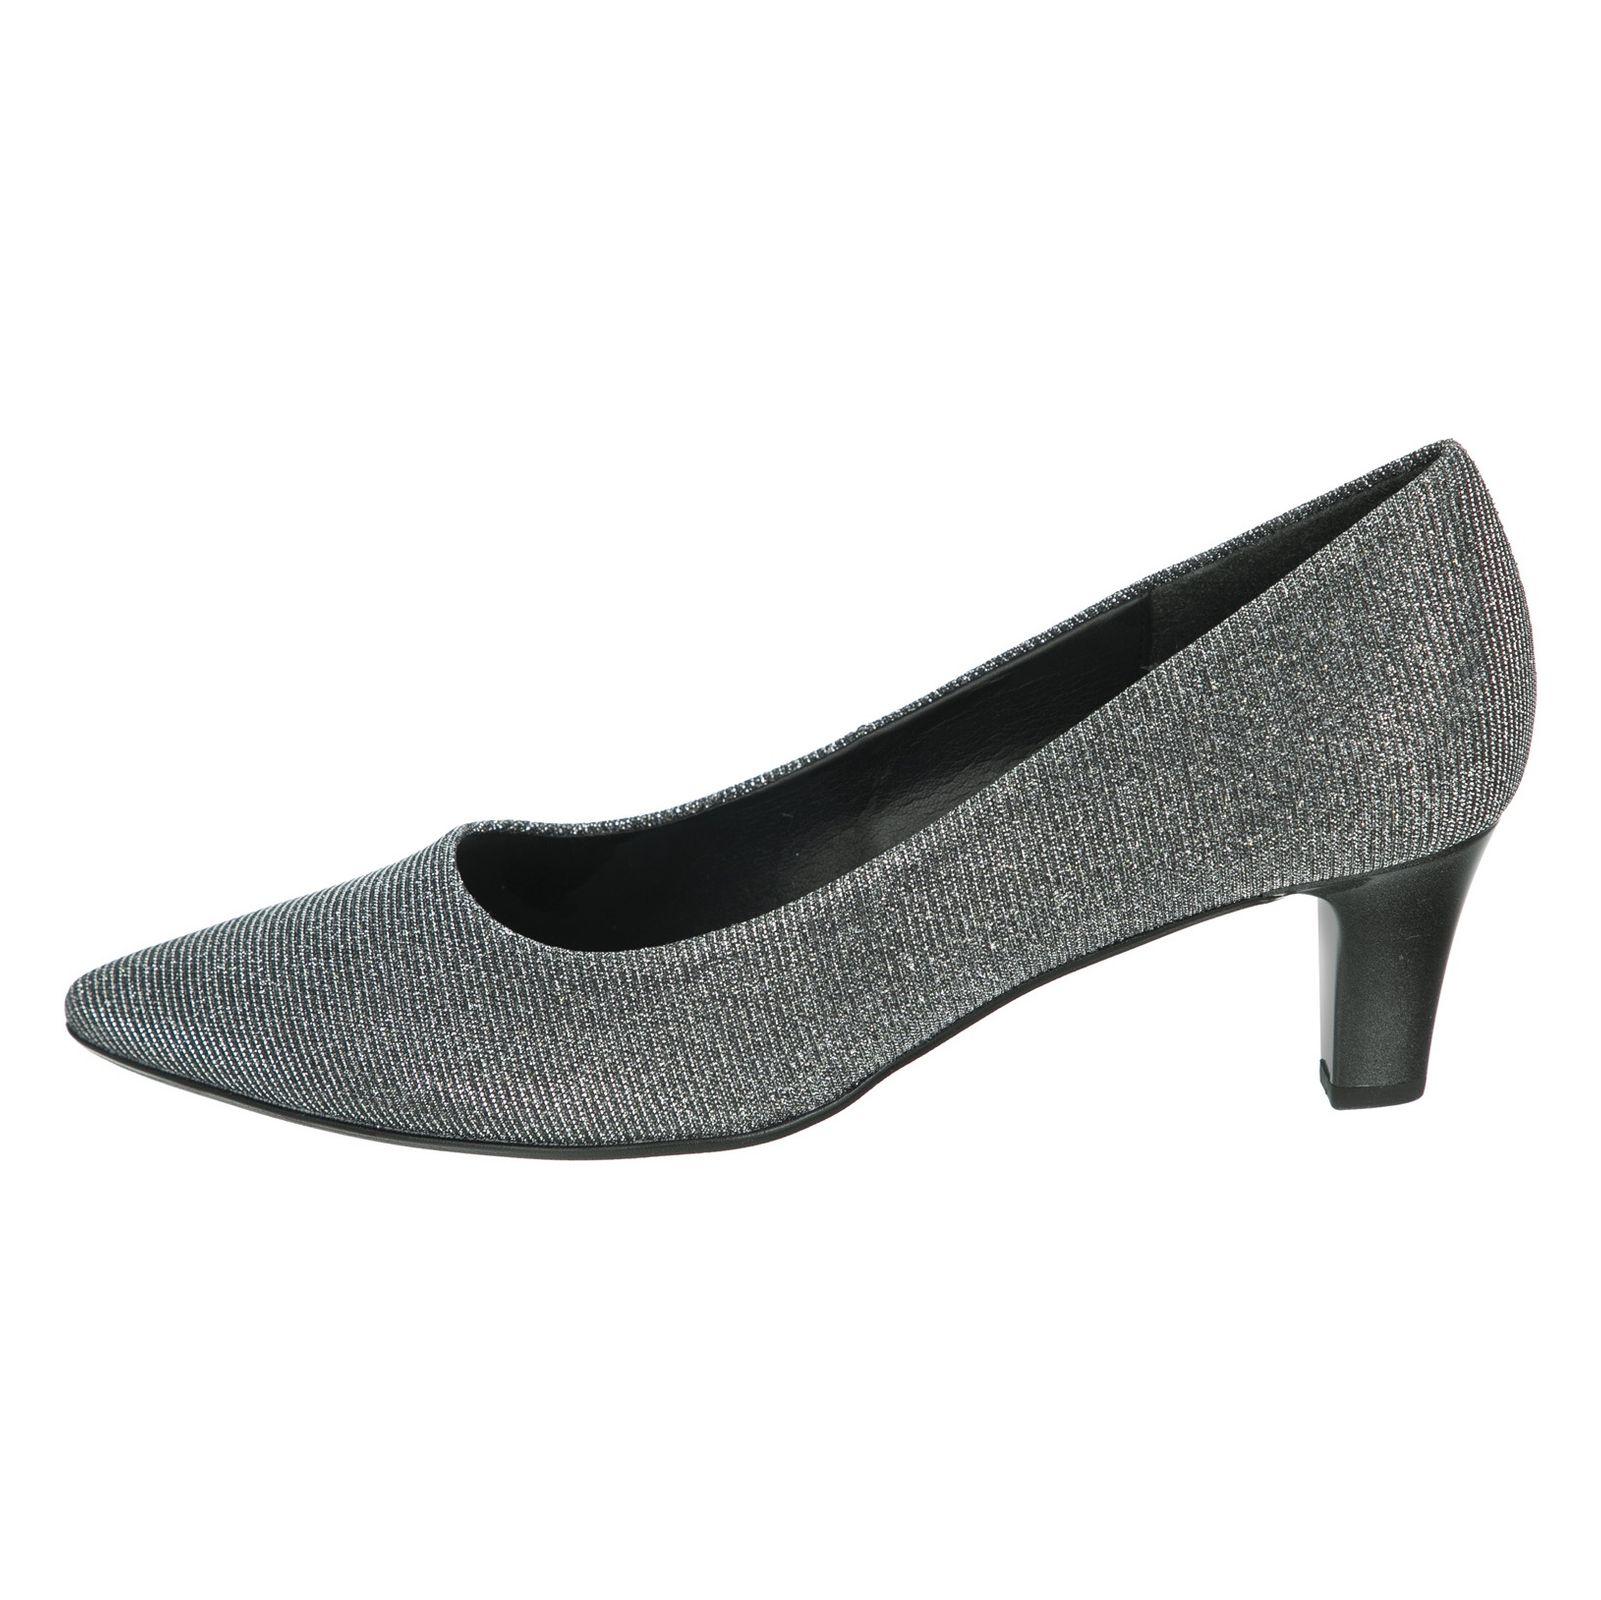 کفش زنانه گابور مدل 81.250.69 main 1 1